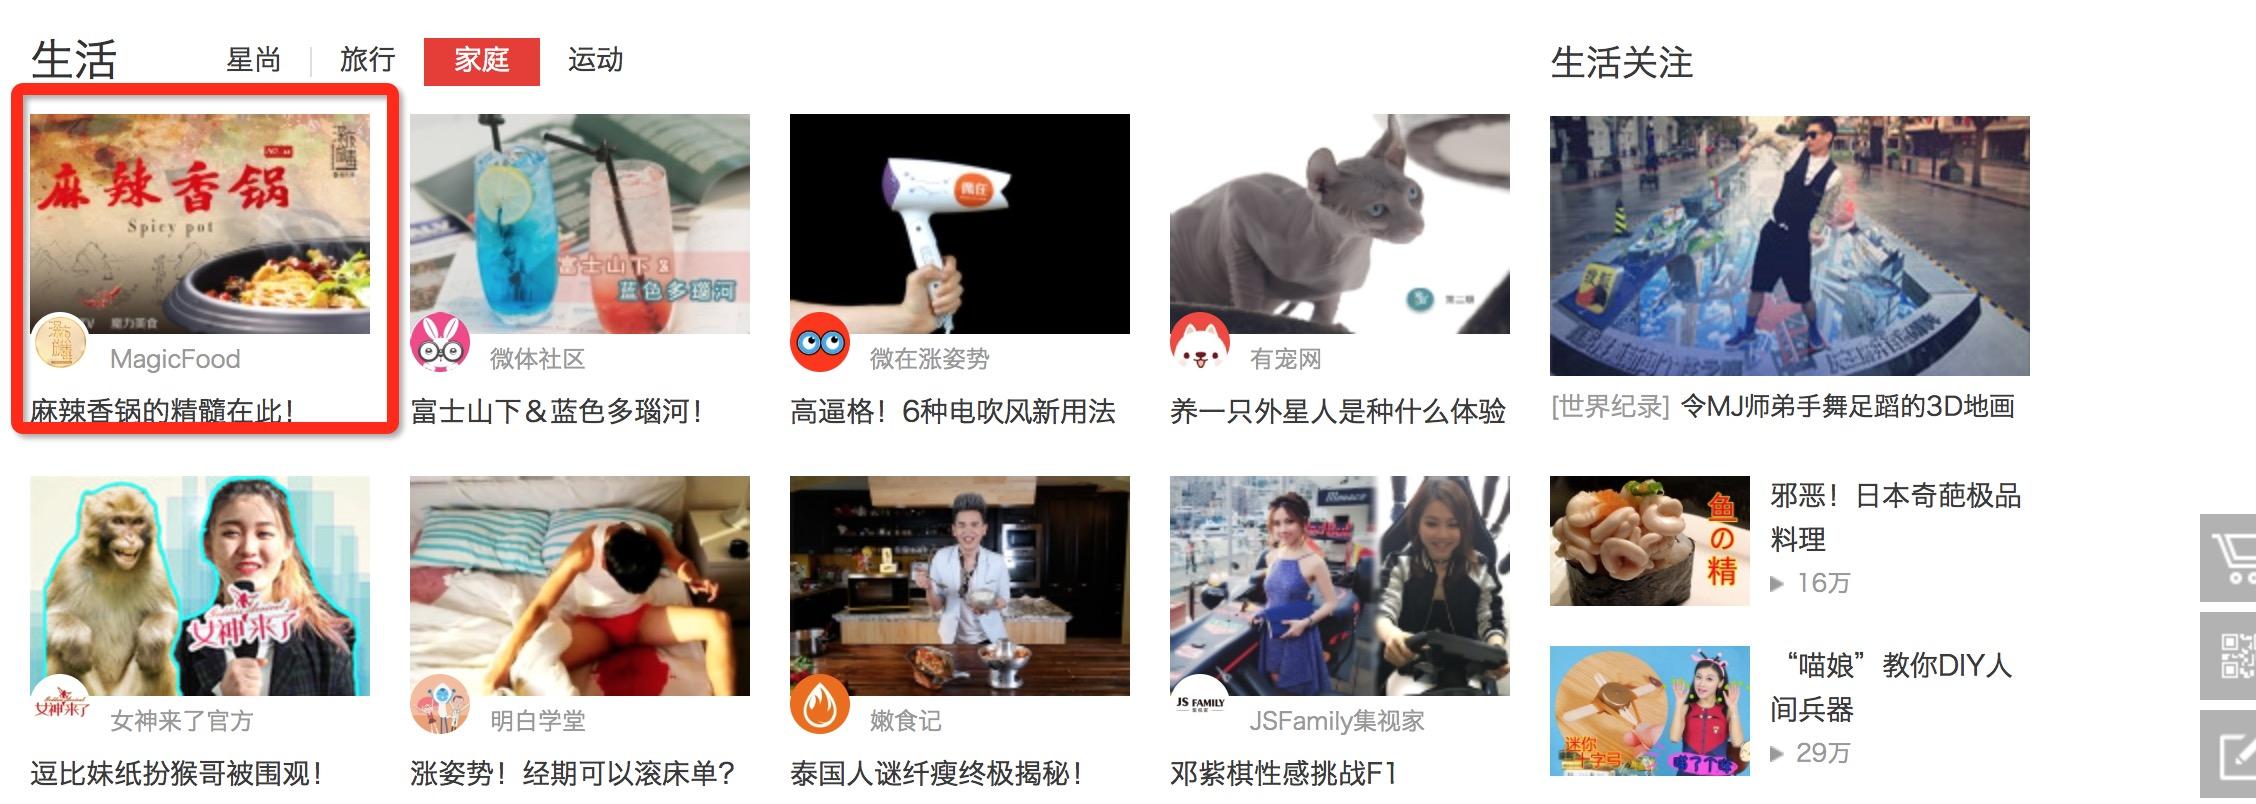 搜狐自媒体频道生活